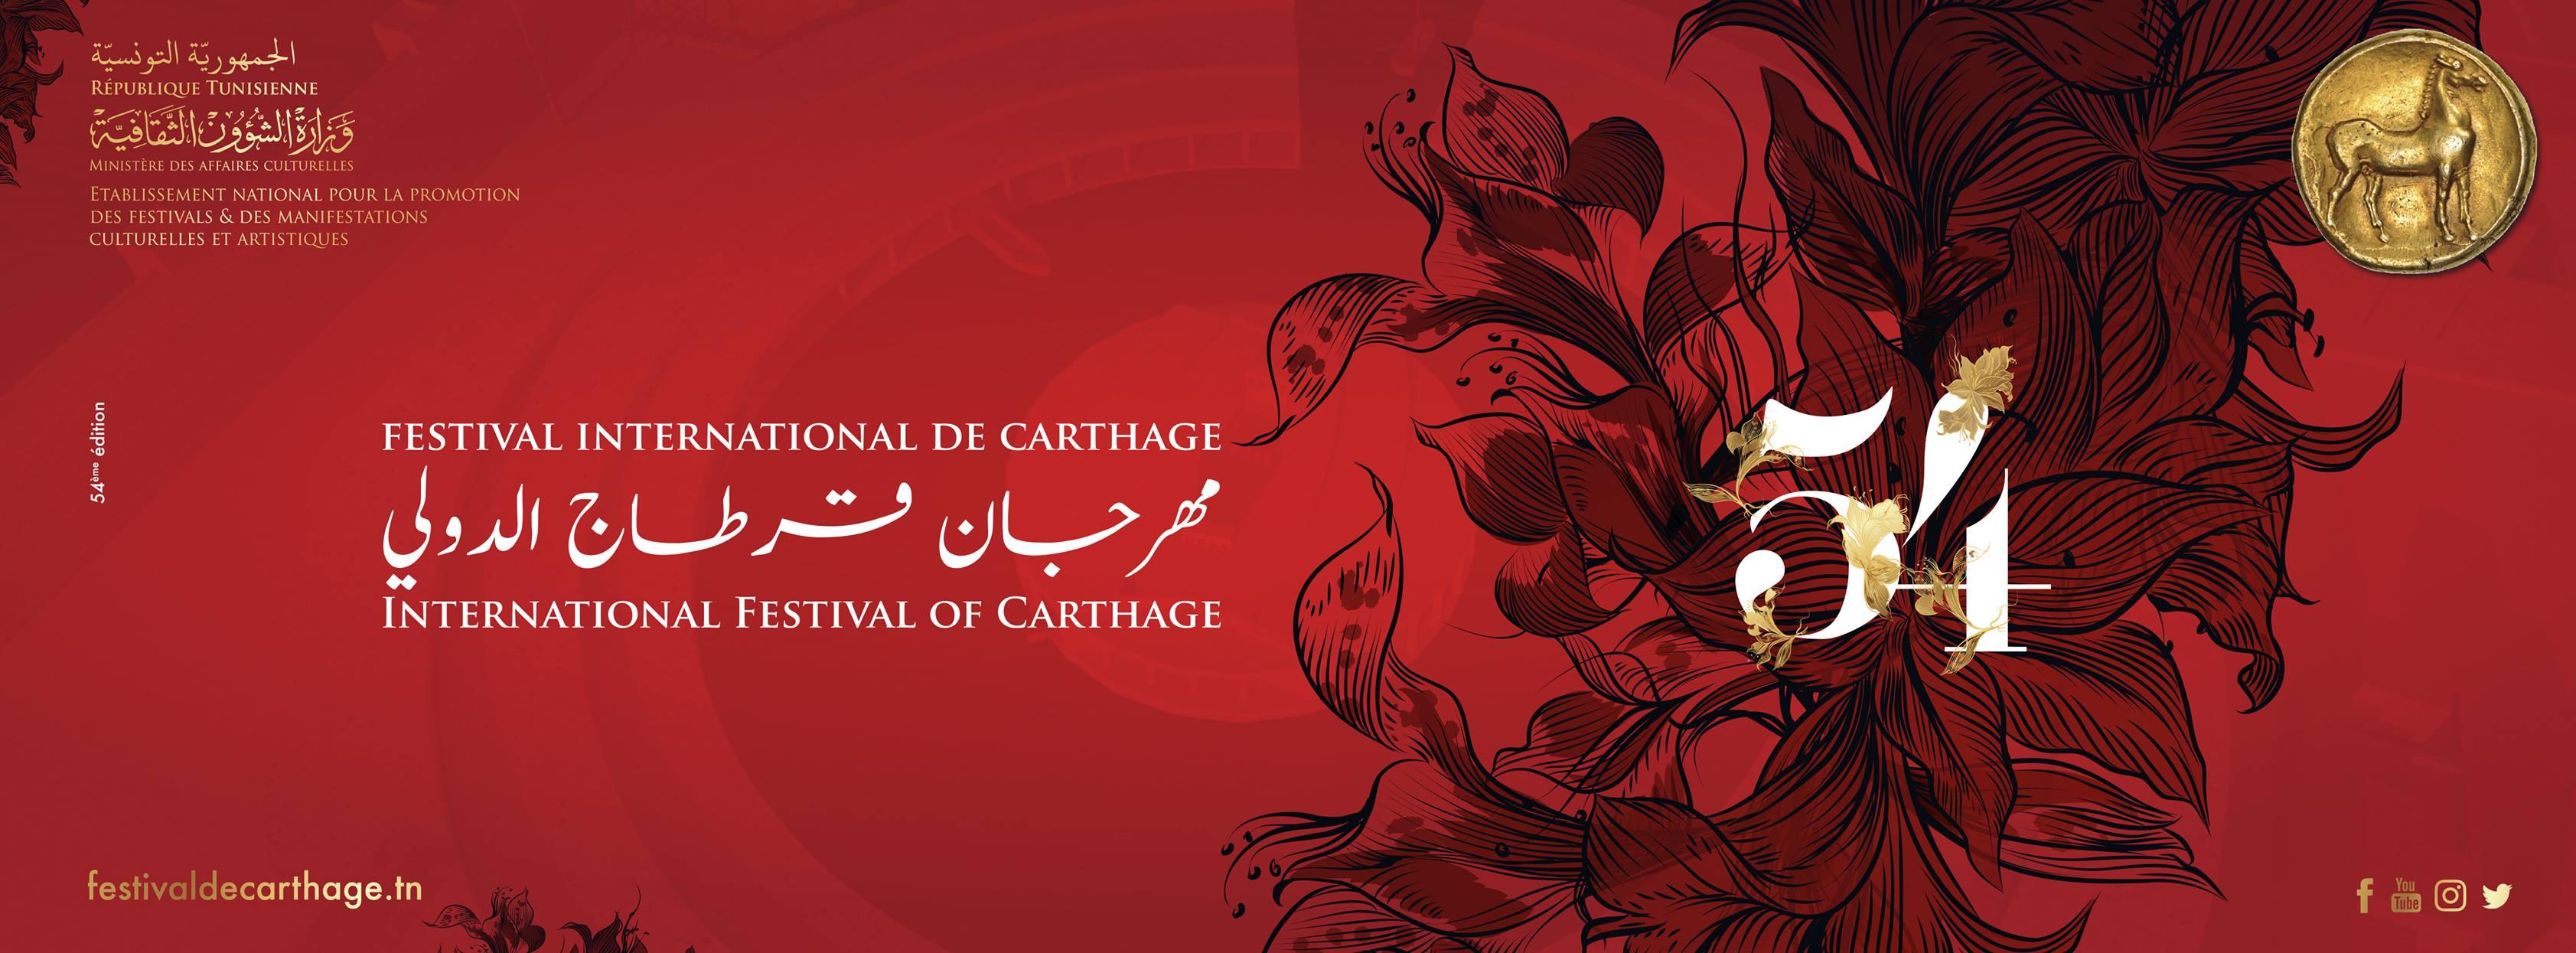 L'Affiche Officielle du Festival International de Carthage 2018